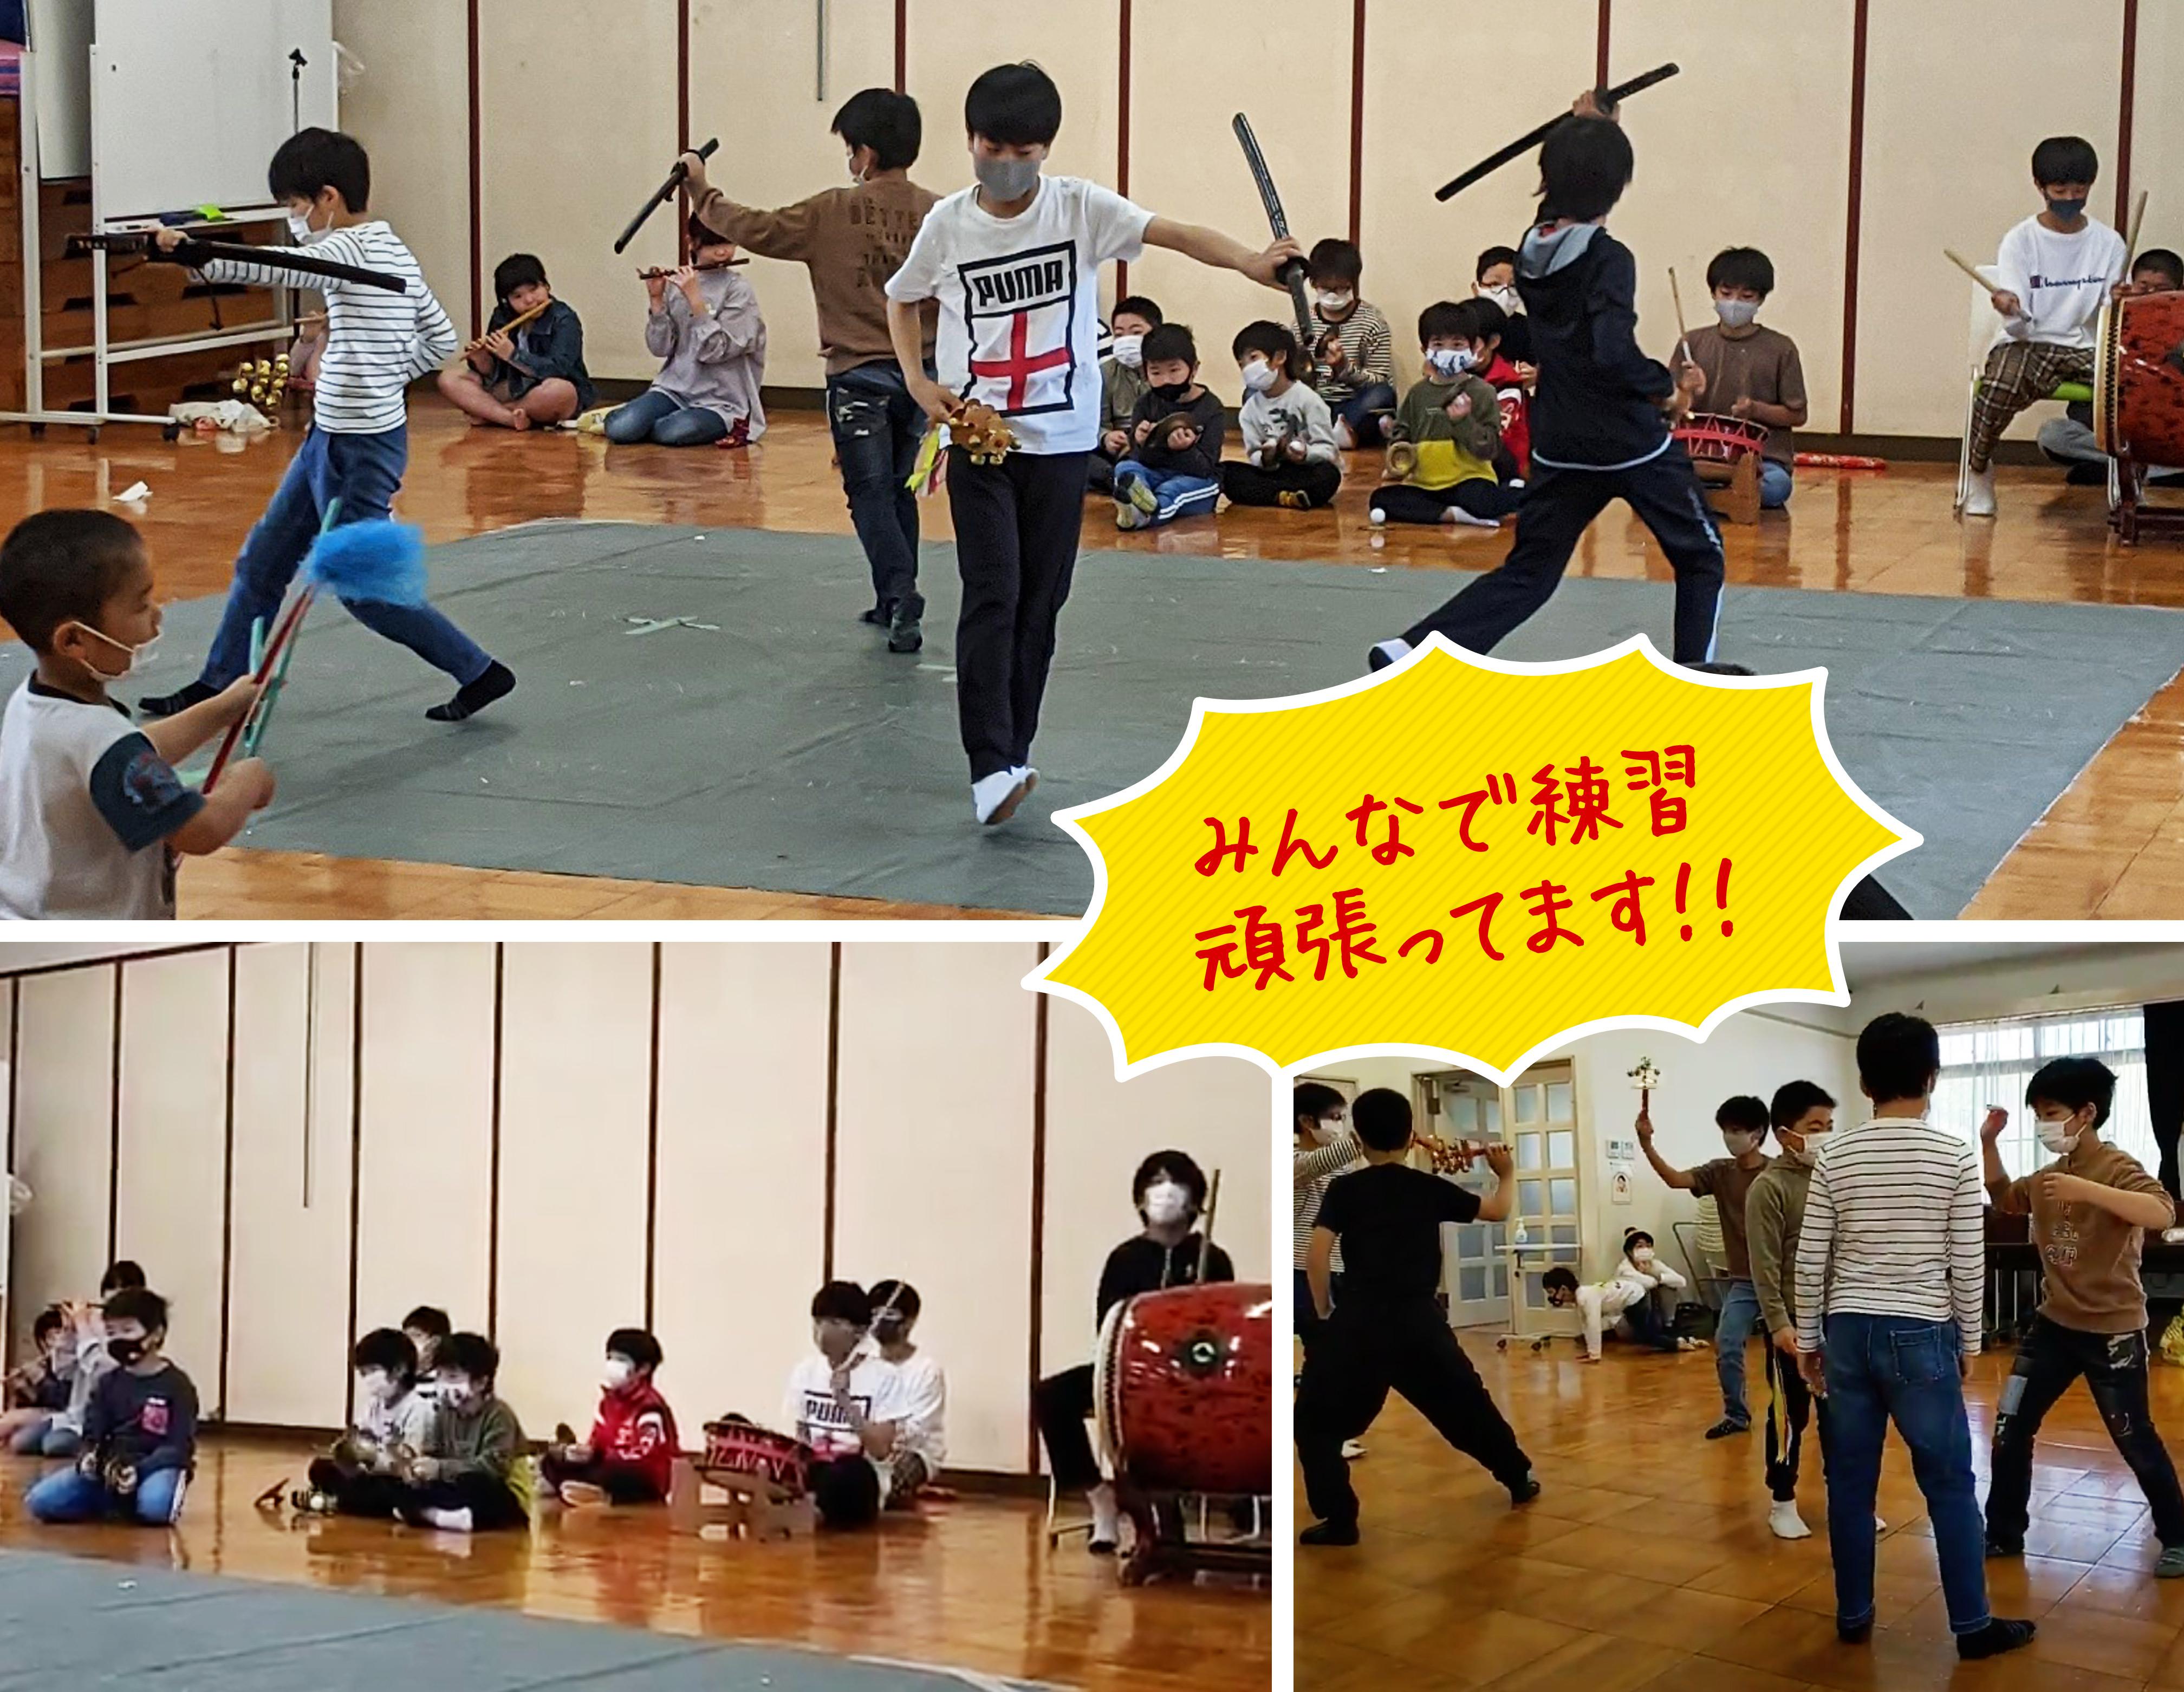 第4回公演の土江子ども神楽団と演目について